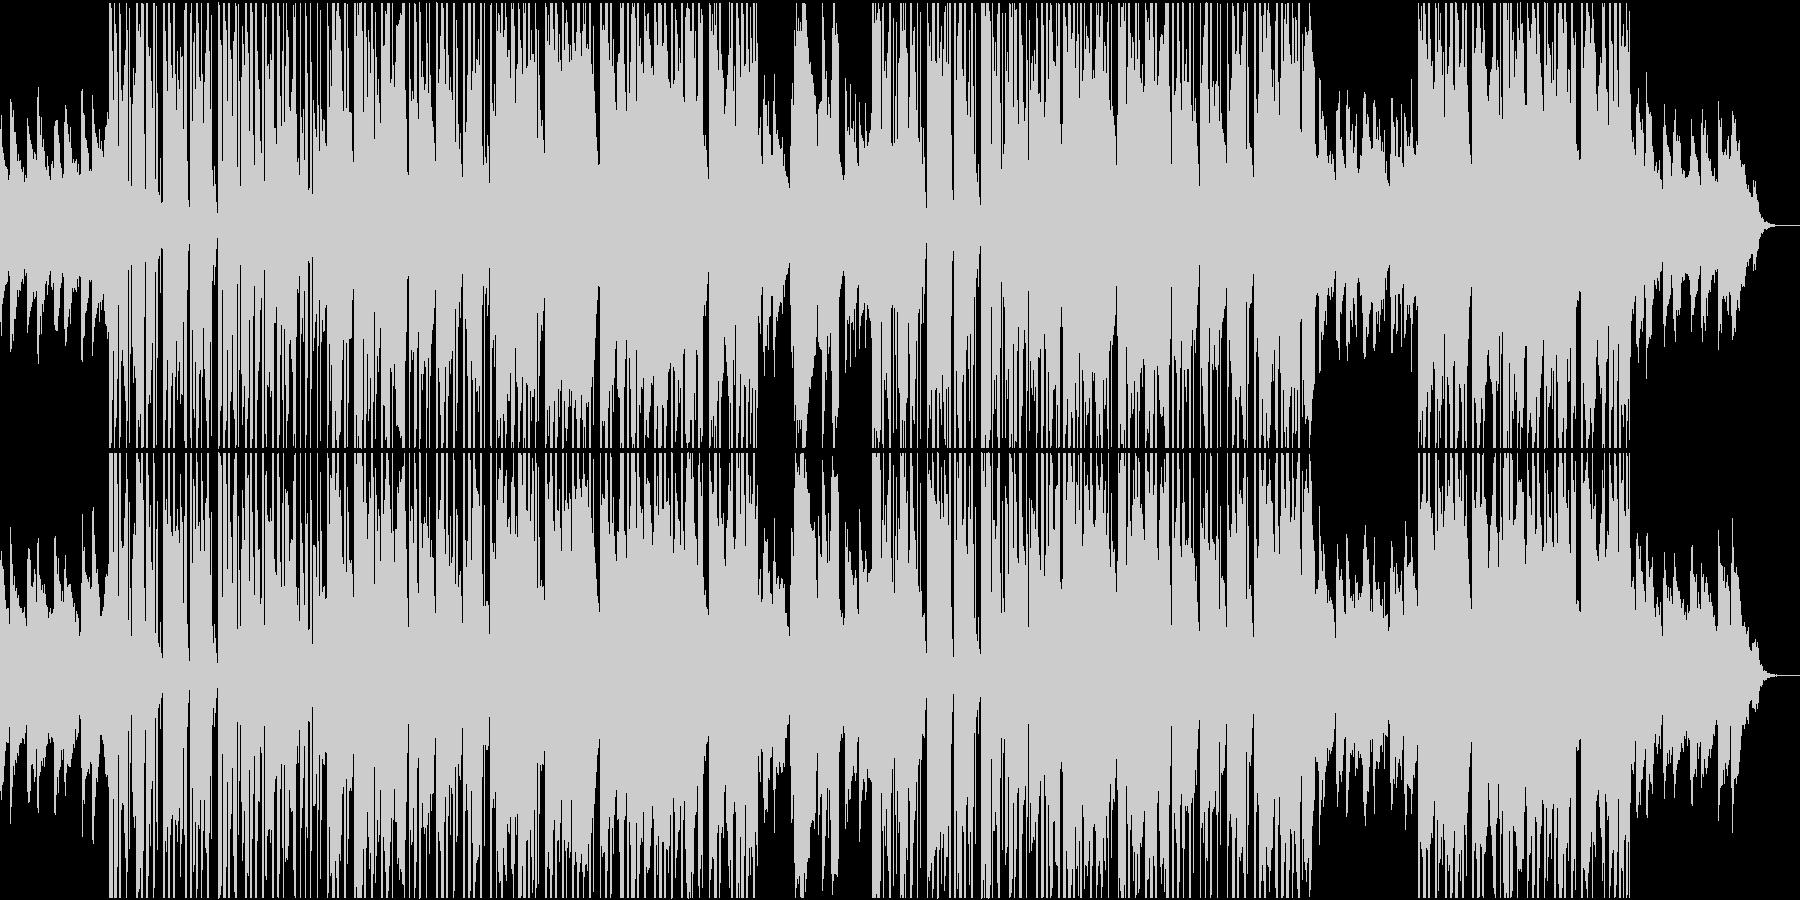 優しく暖かく心に響く歌声・洋楽Popsの未再生の波形